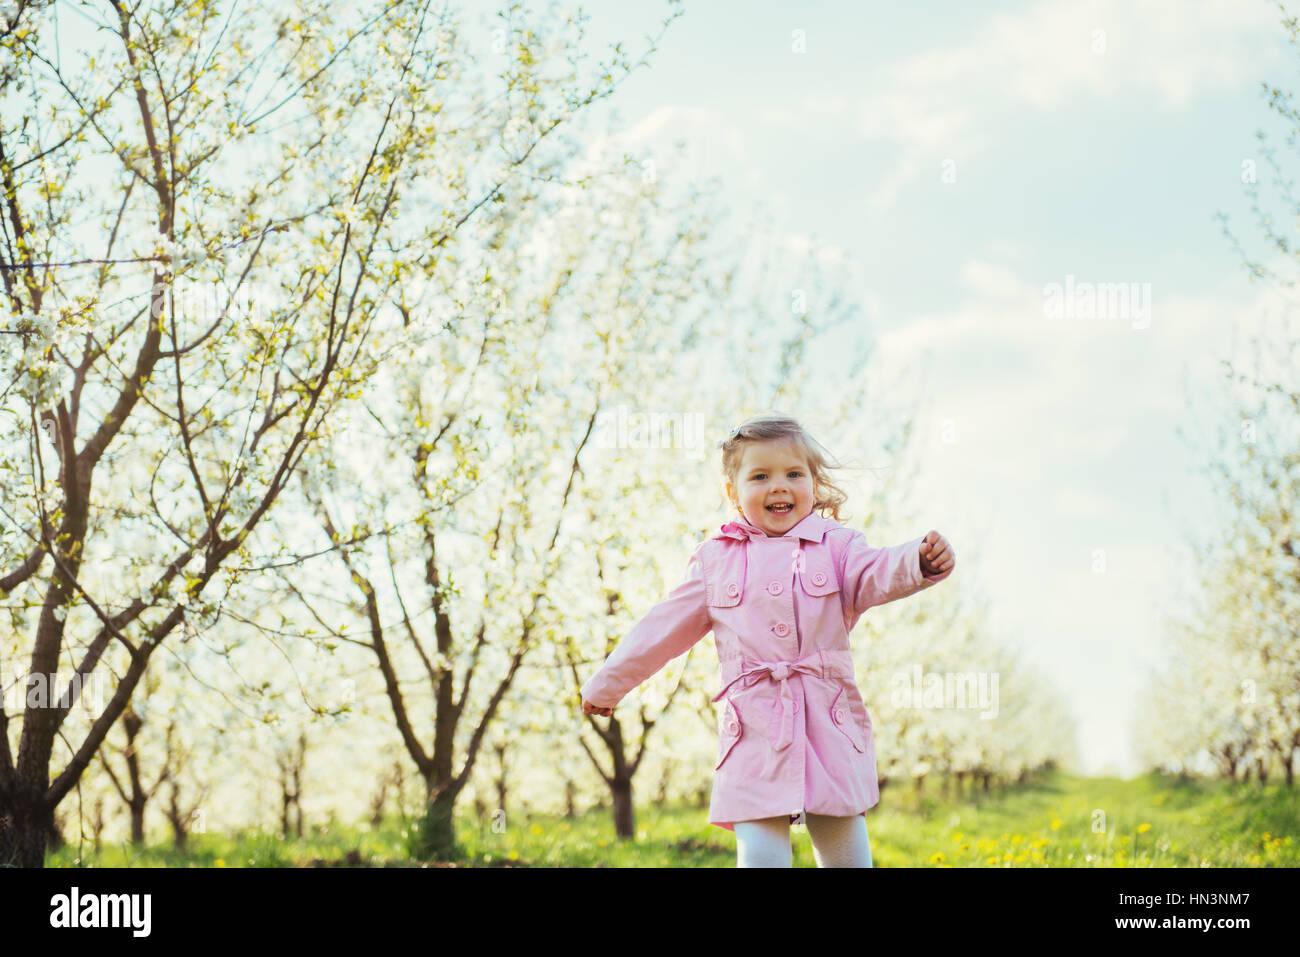 Kind im freien laufen blühenden Bäumen. Kunst, die Bearbeitung und Retusche Stockbild